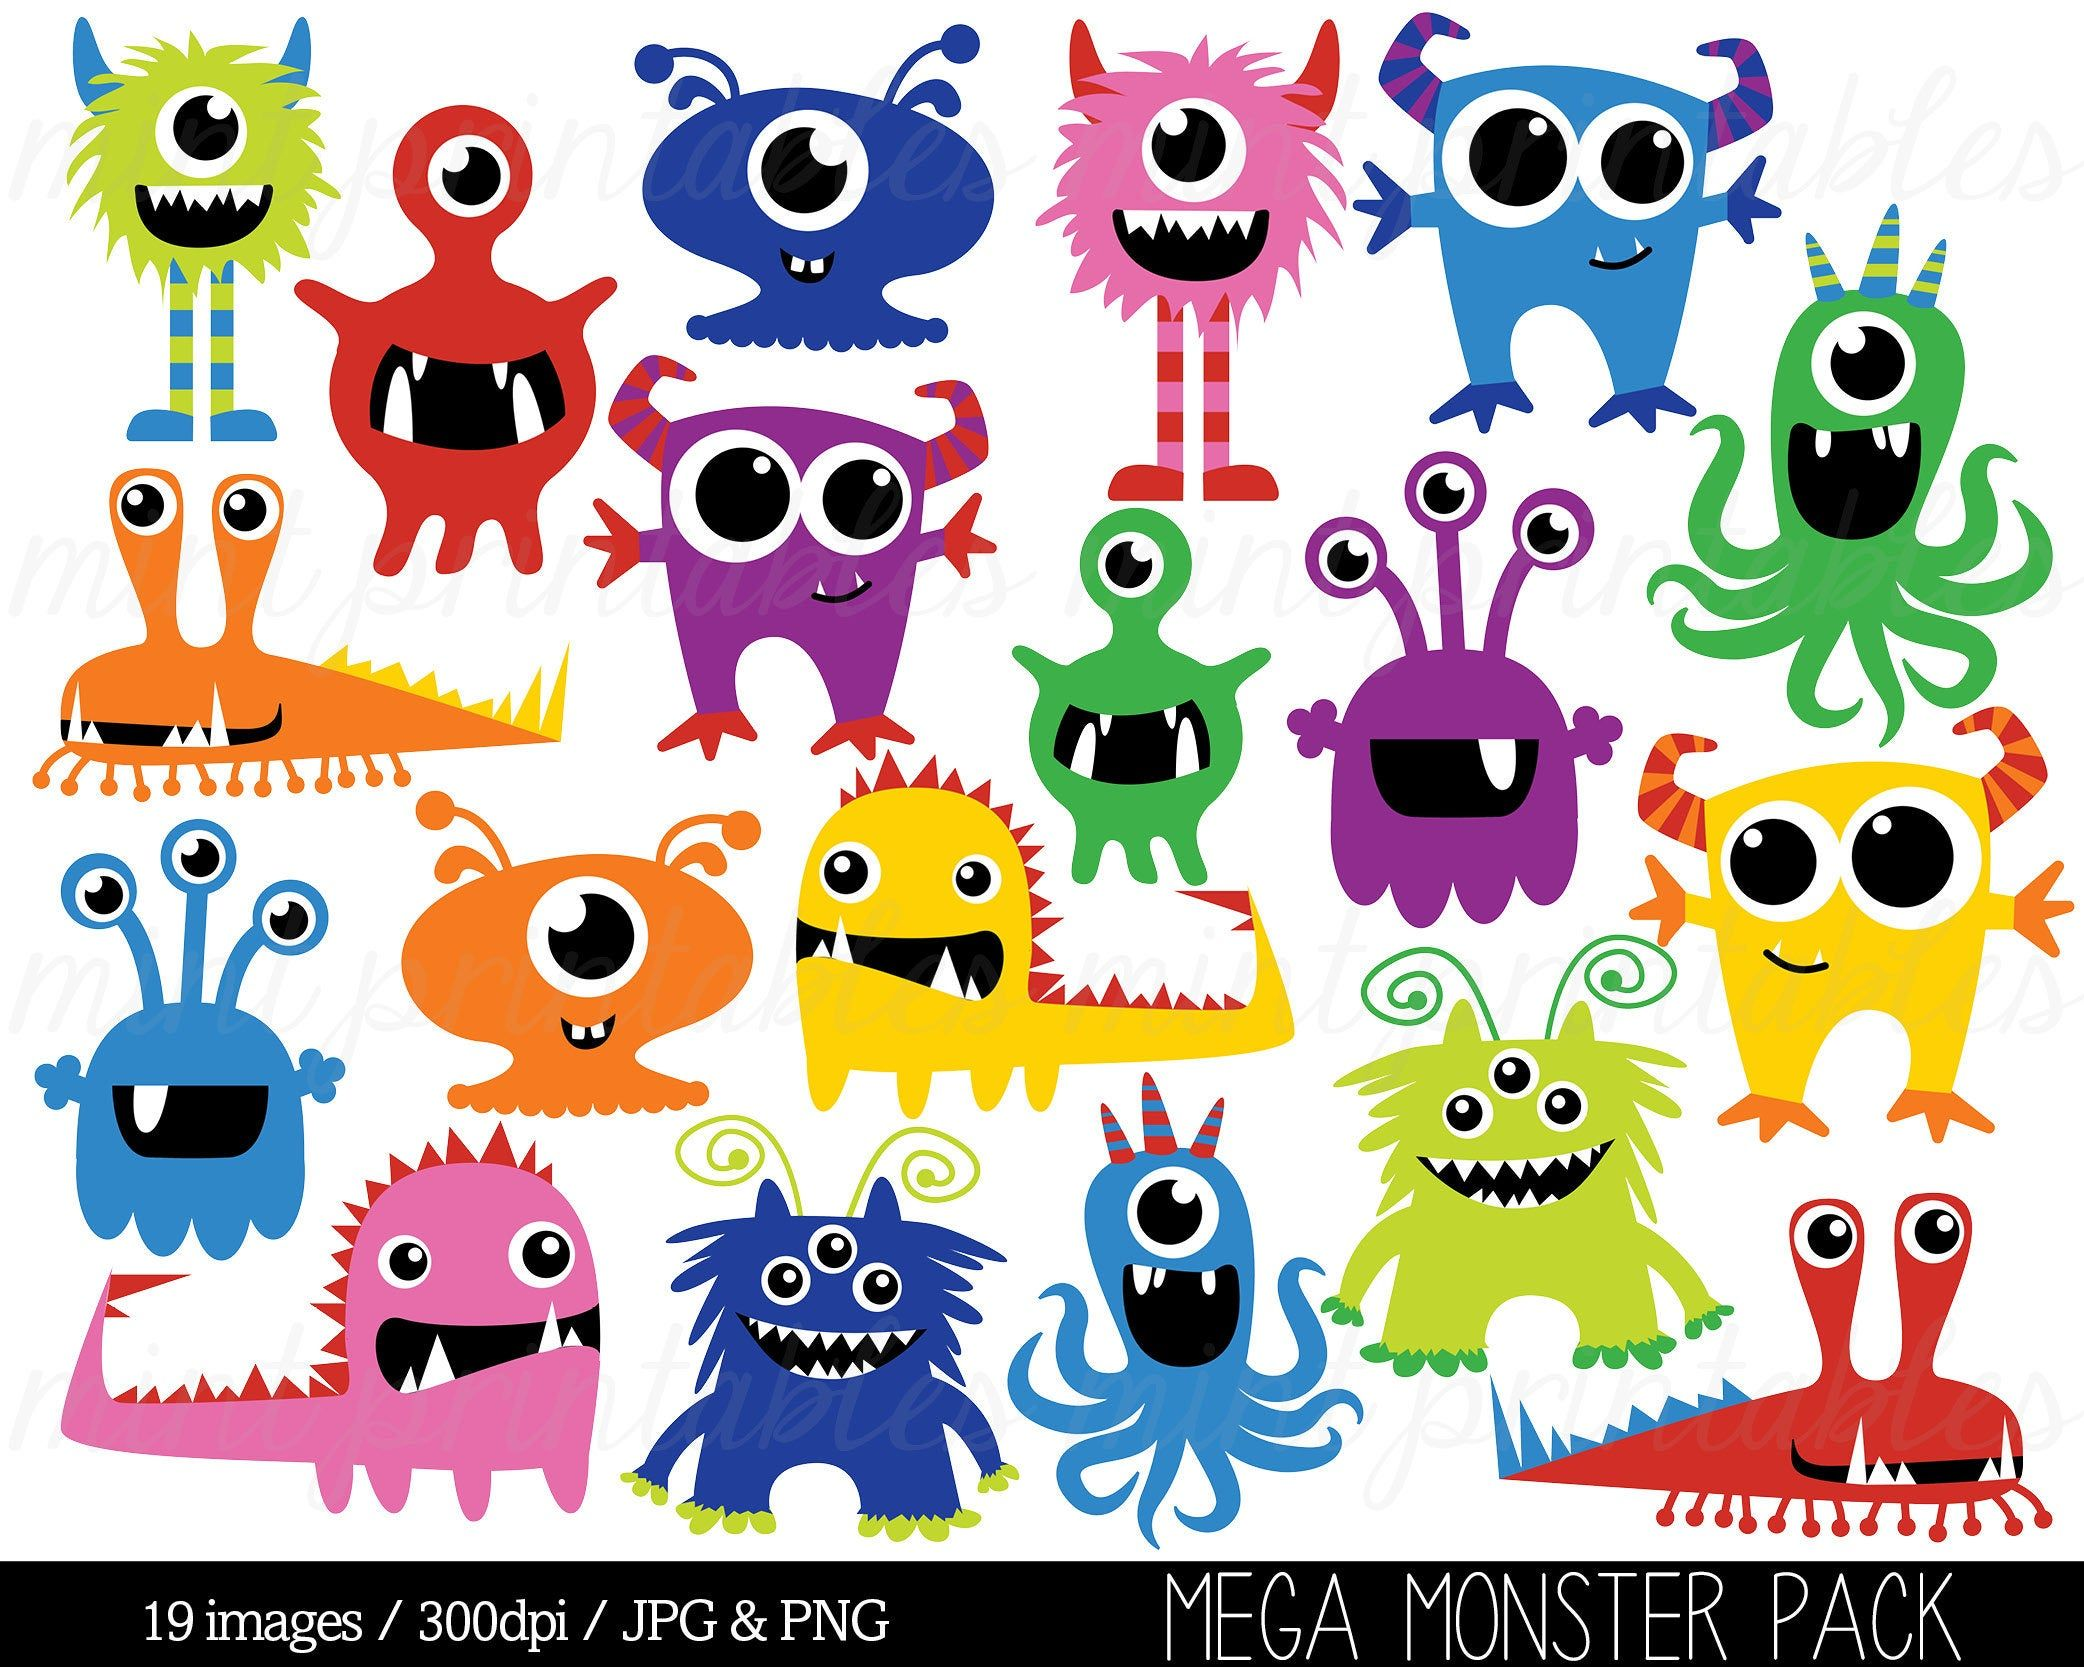 Clipart De Monstre Monstres Clip Art Clipart Anniversaire Etsy Coloriage Monstre Image Monstre Monstre Maternelle